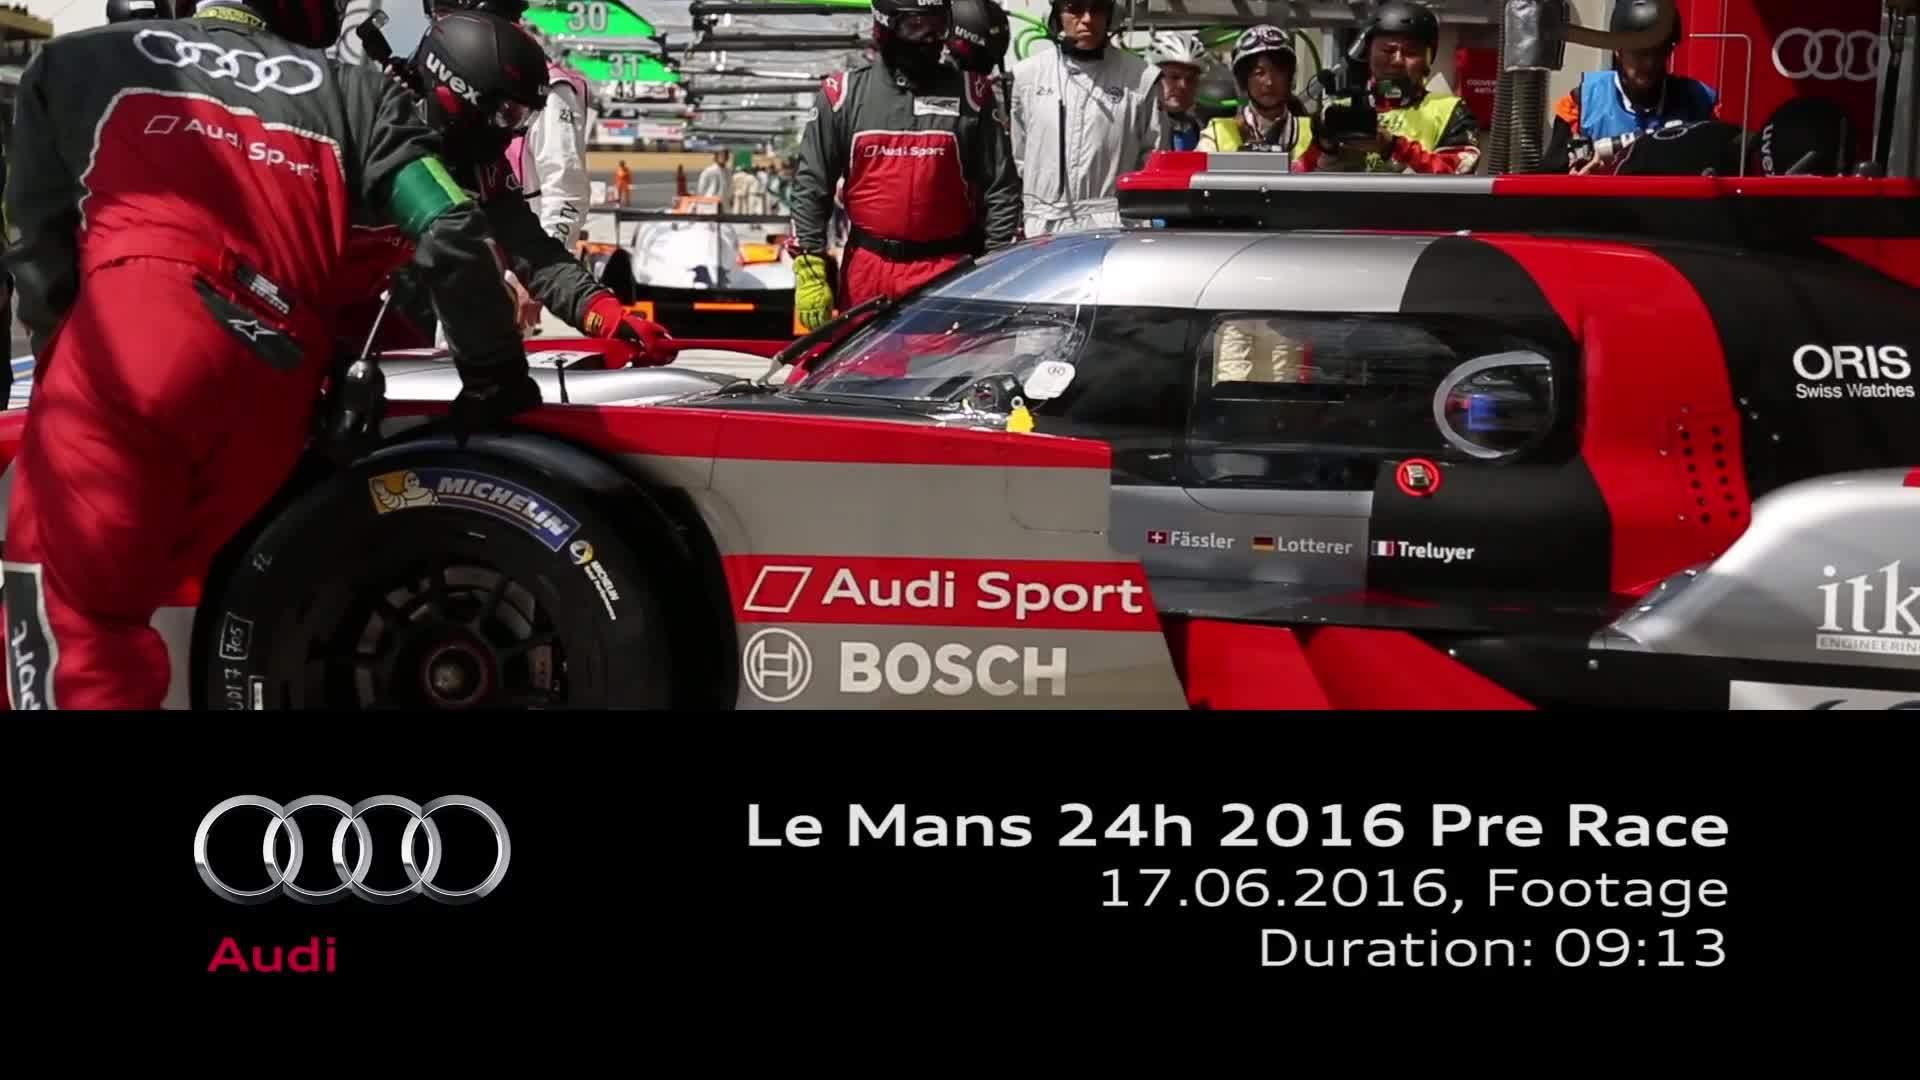 Footage Audi Le Mans 2016 - Pre-Race